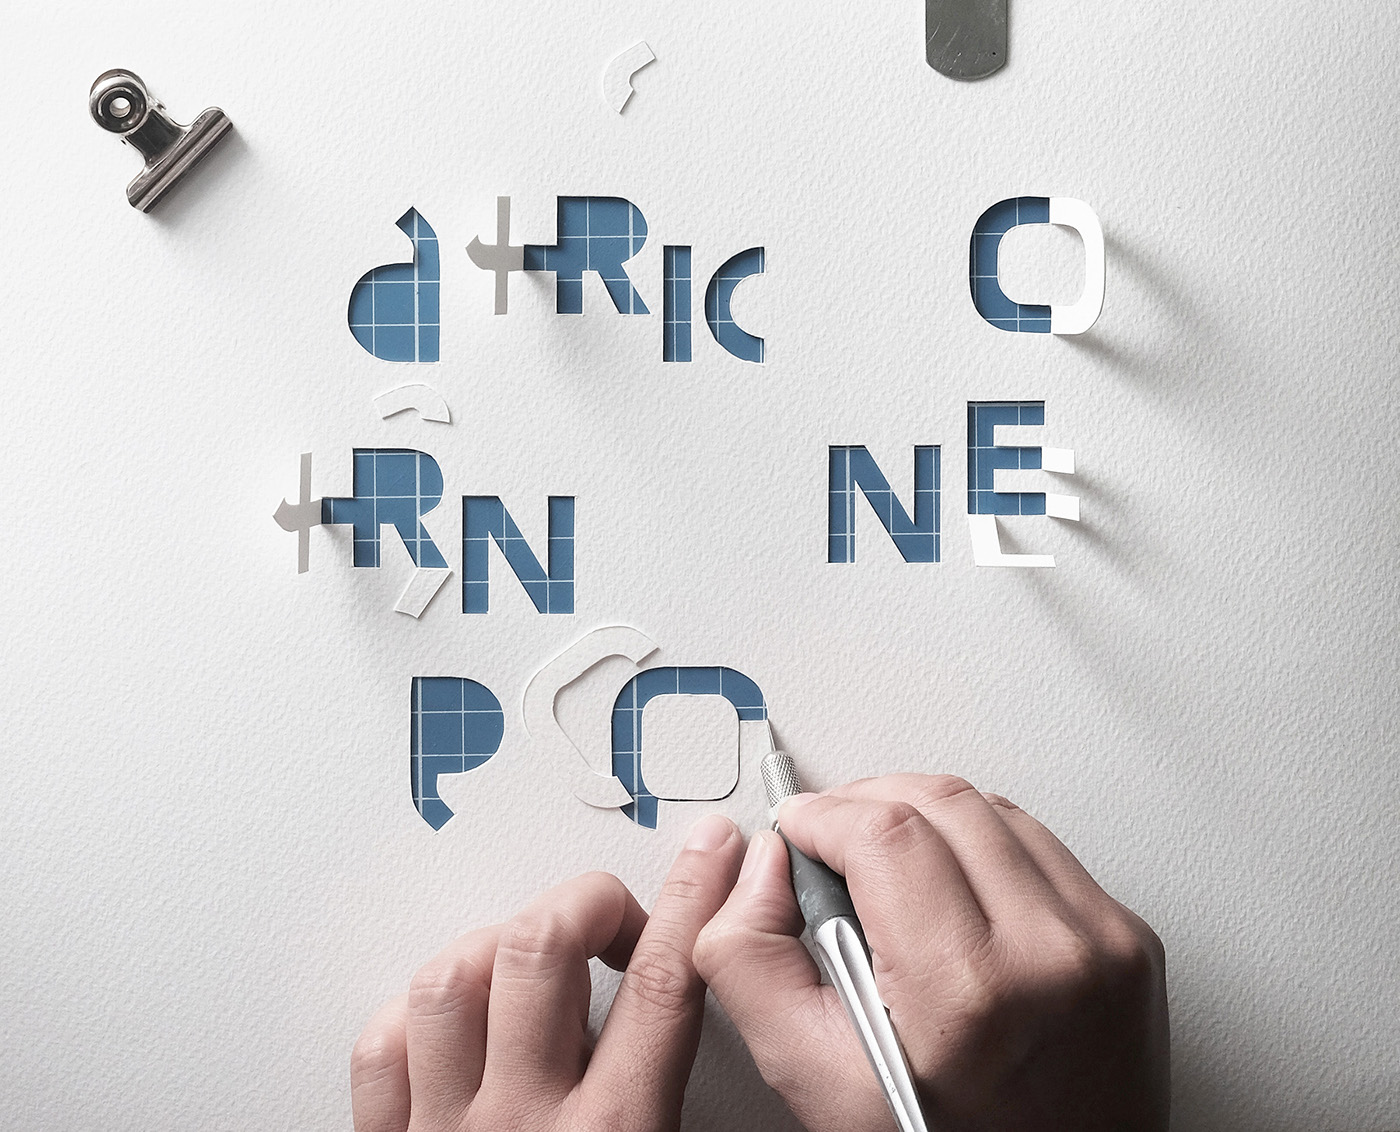 OPEN CALL papercut behance reviews Behance behance reviews manila behance portfoilio reviews poster tbwa\smp handcut typography open call poster behance open call